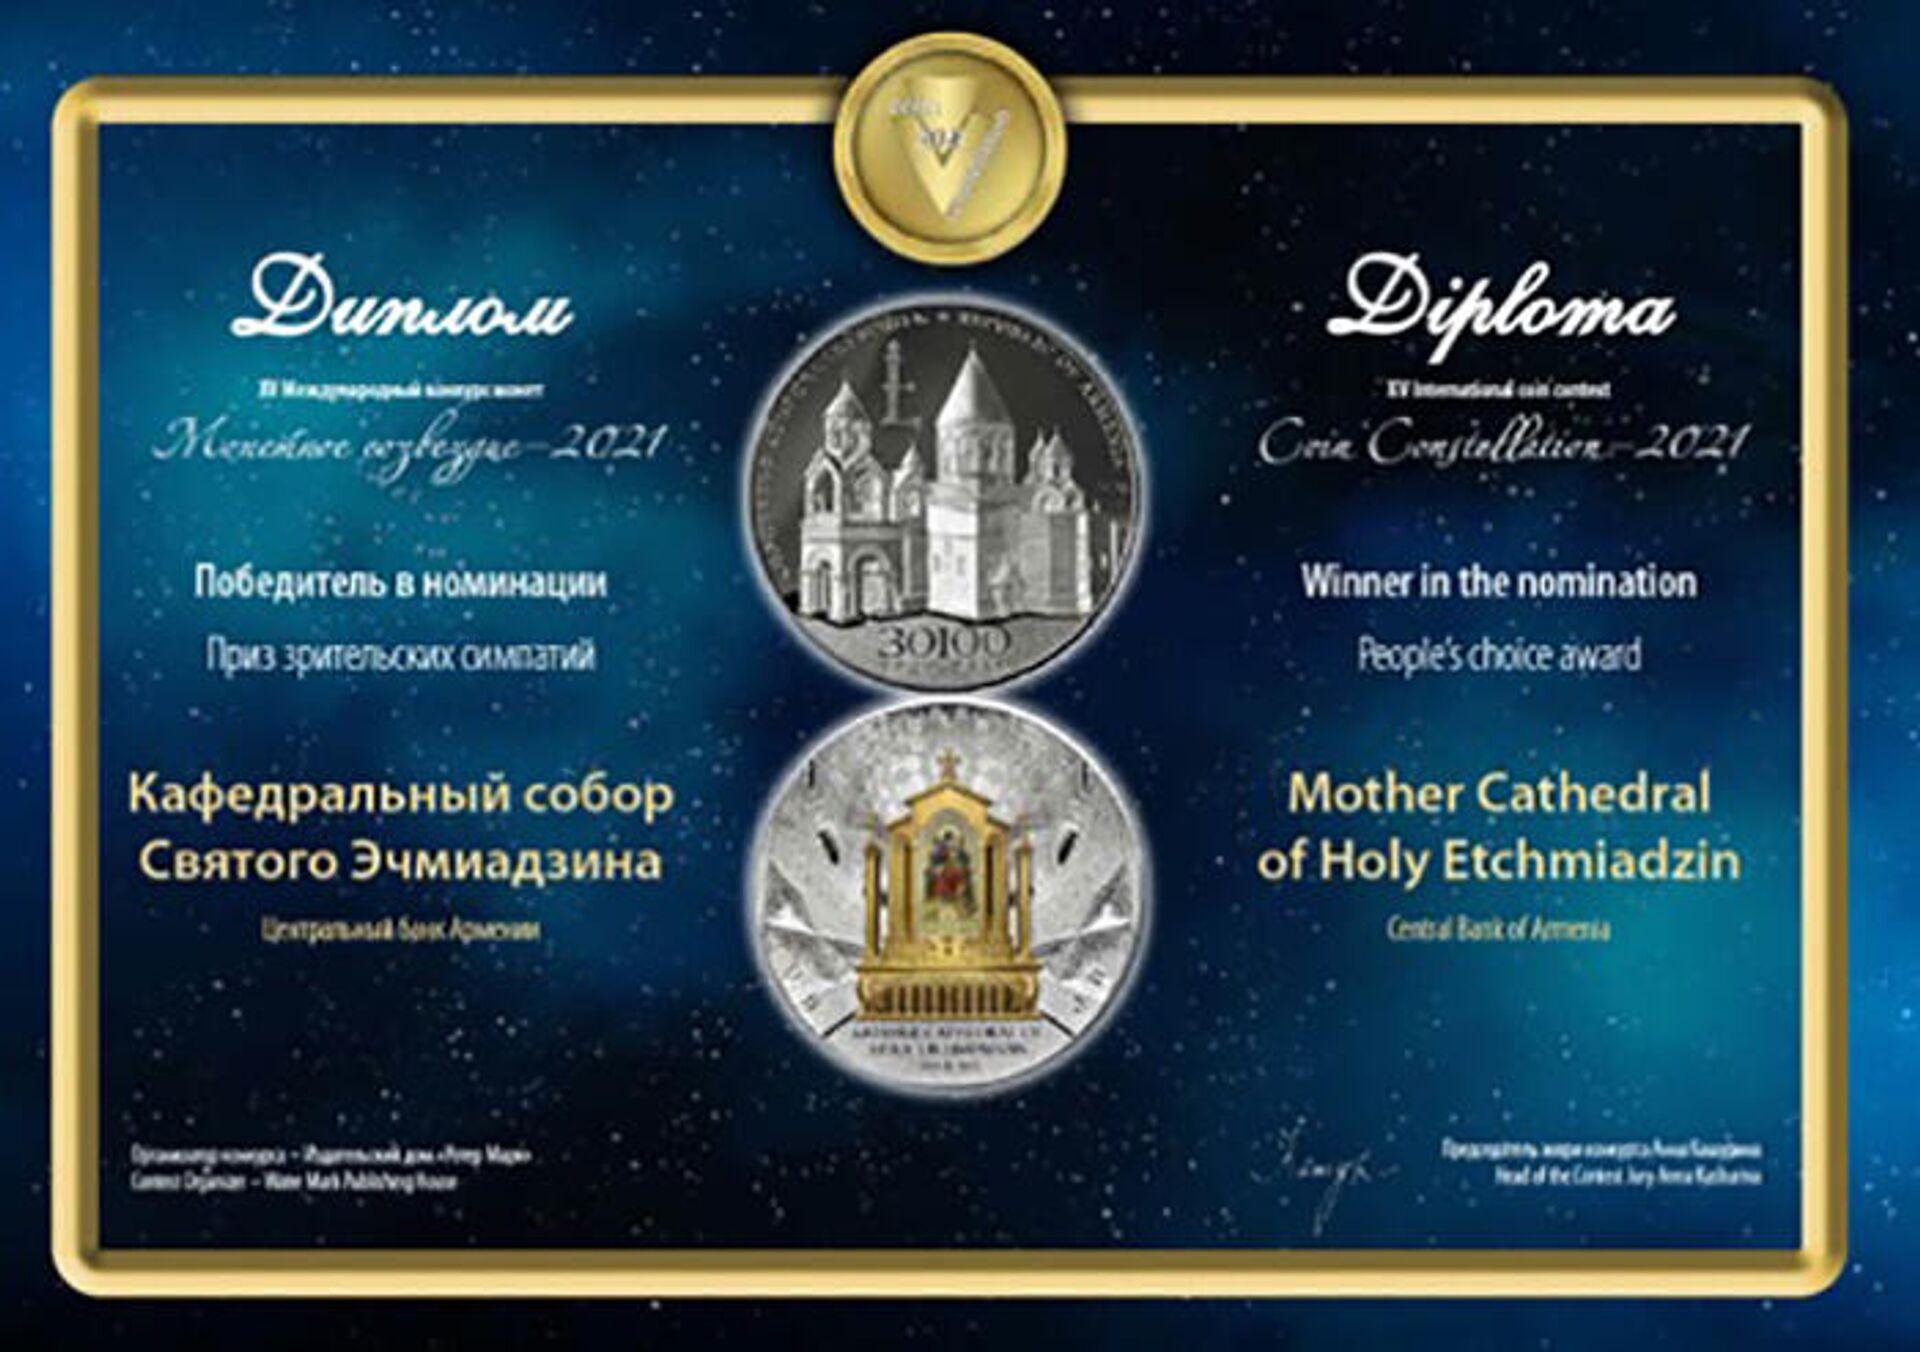 Призеры 15-го международного конкурса Созвездие денег-2021 золотая памятная монета Жансем-100 и серебряная памятная монета Эчмиадзинский собор - Sputnik Արմենիա, 1920, 14.10.2021